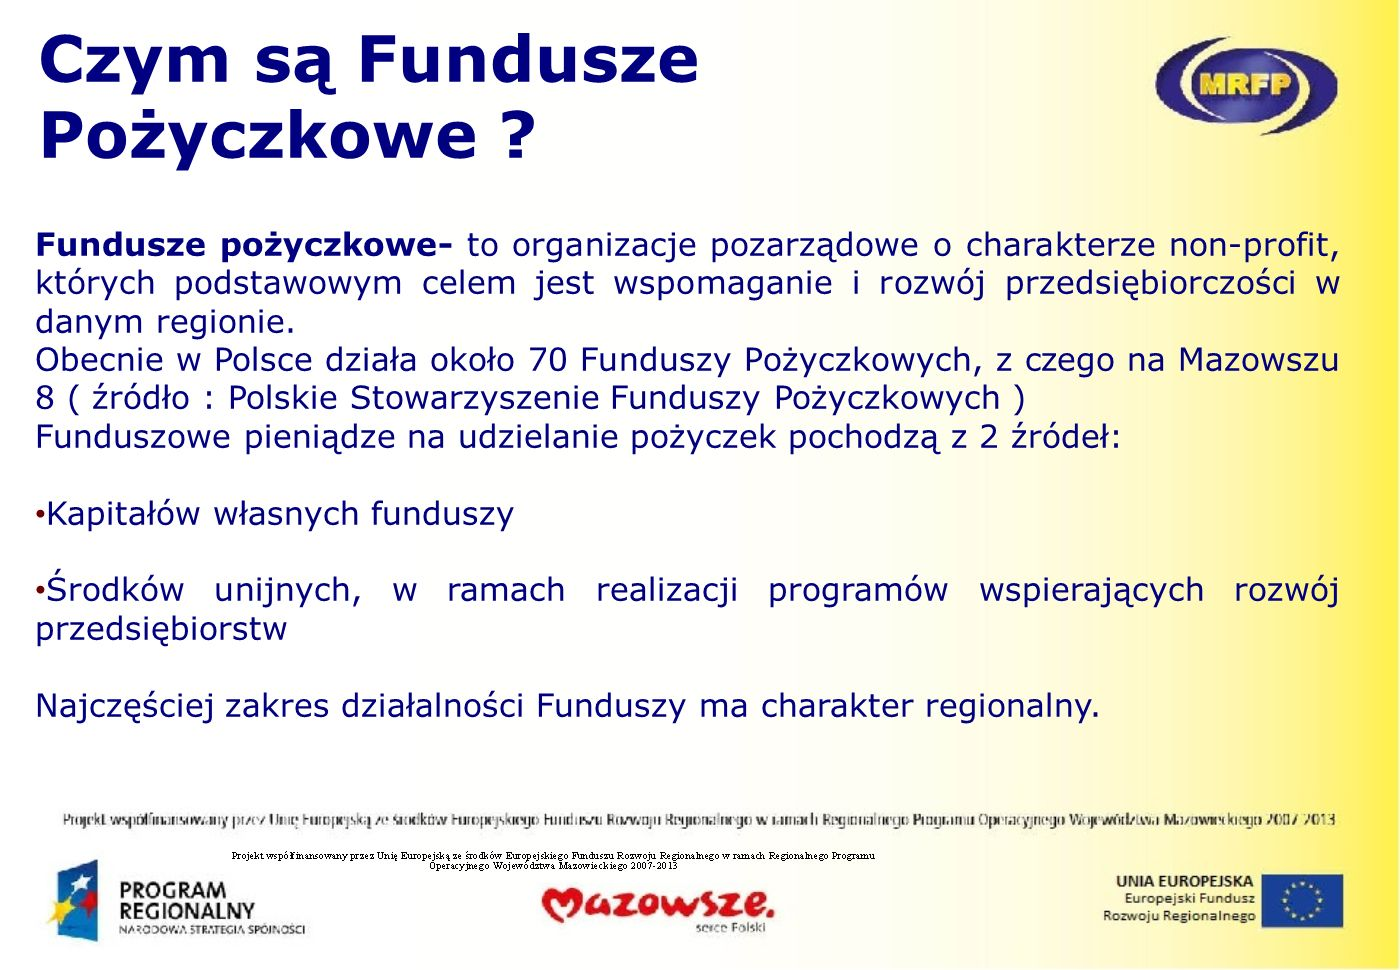 Czym są Fundusze Pożyczkowe